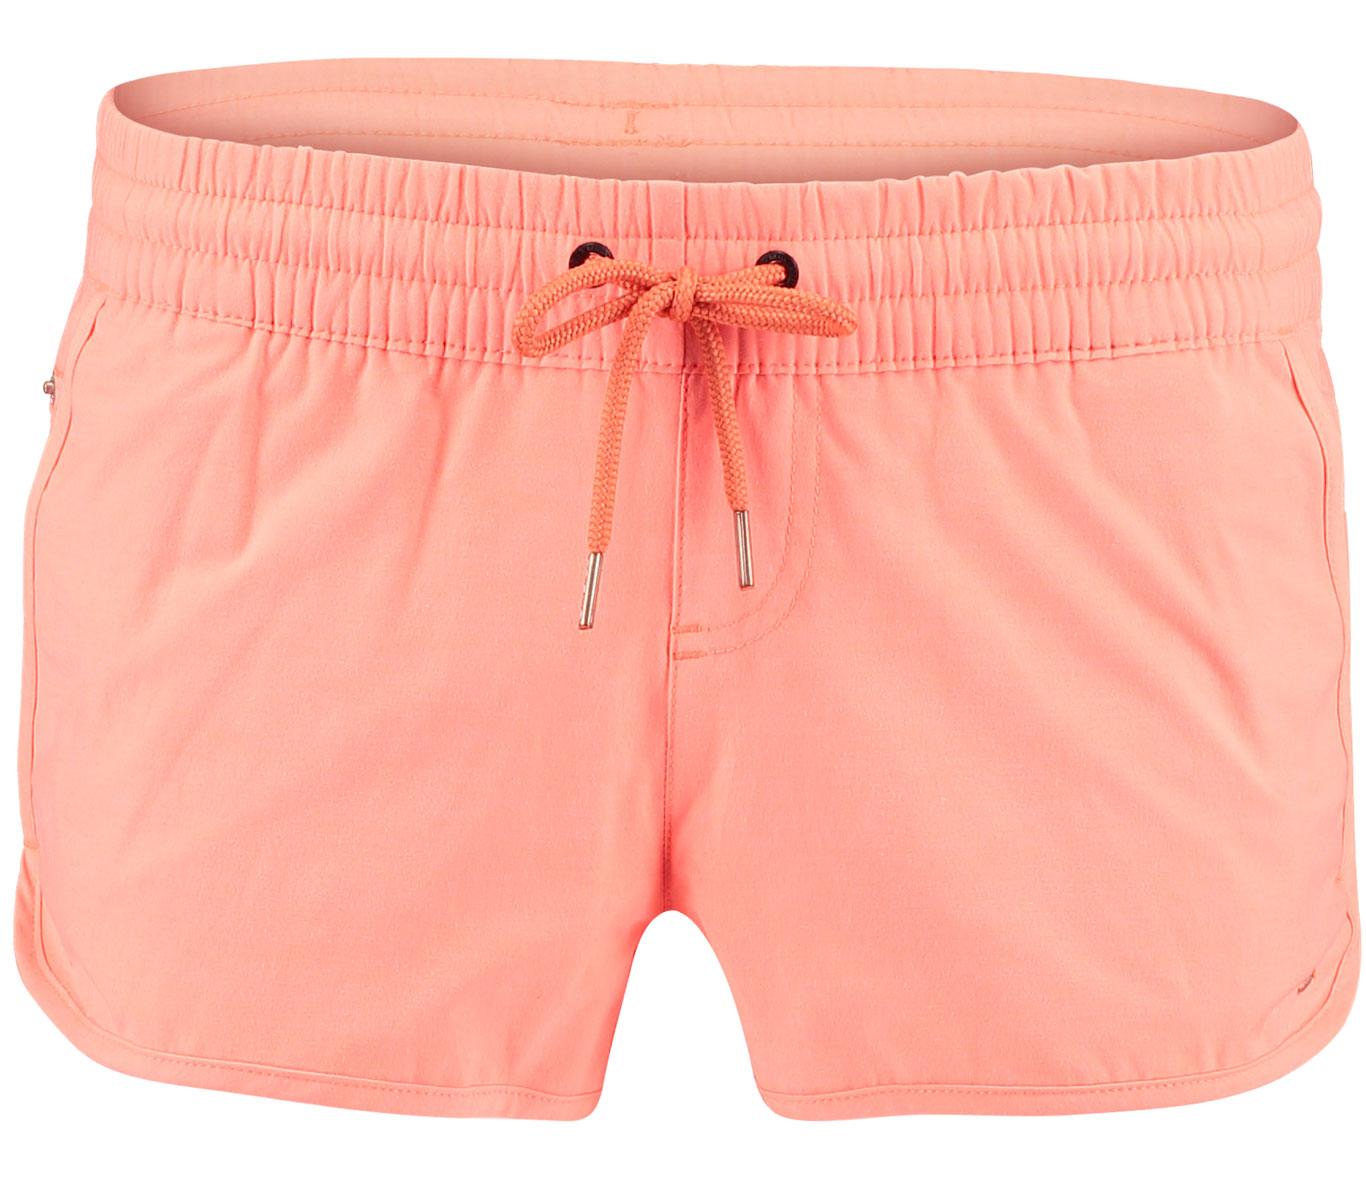 Шорты пляжные женские ONeill Pw Essential Boardshorts, цвет: оранжевый. 7A8132-4059. Размер XS (42/44)7A8132-4059Женские пляжные шорты ONeill выполнены из хлопка с добавлением полиэстера и эластана. Ткань пропускает воздух и быстро сохнет. Пояс снабжен эластичной резинкой с затягивающимся шнурком для комфортной посадки. Спереди расположены два прорезных кармана.